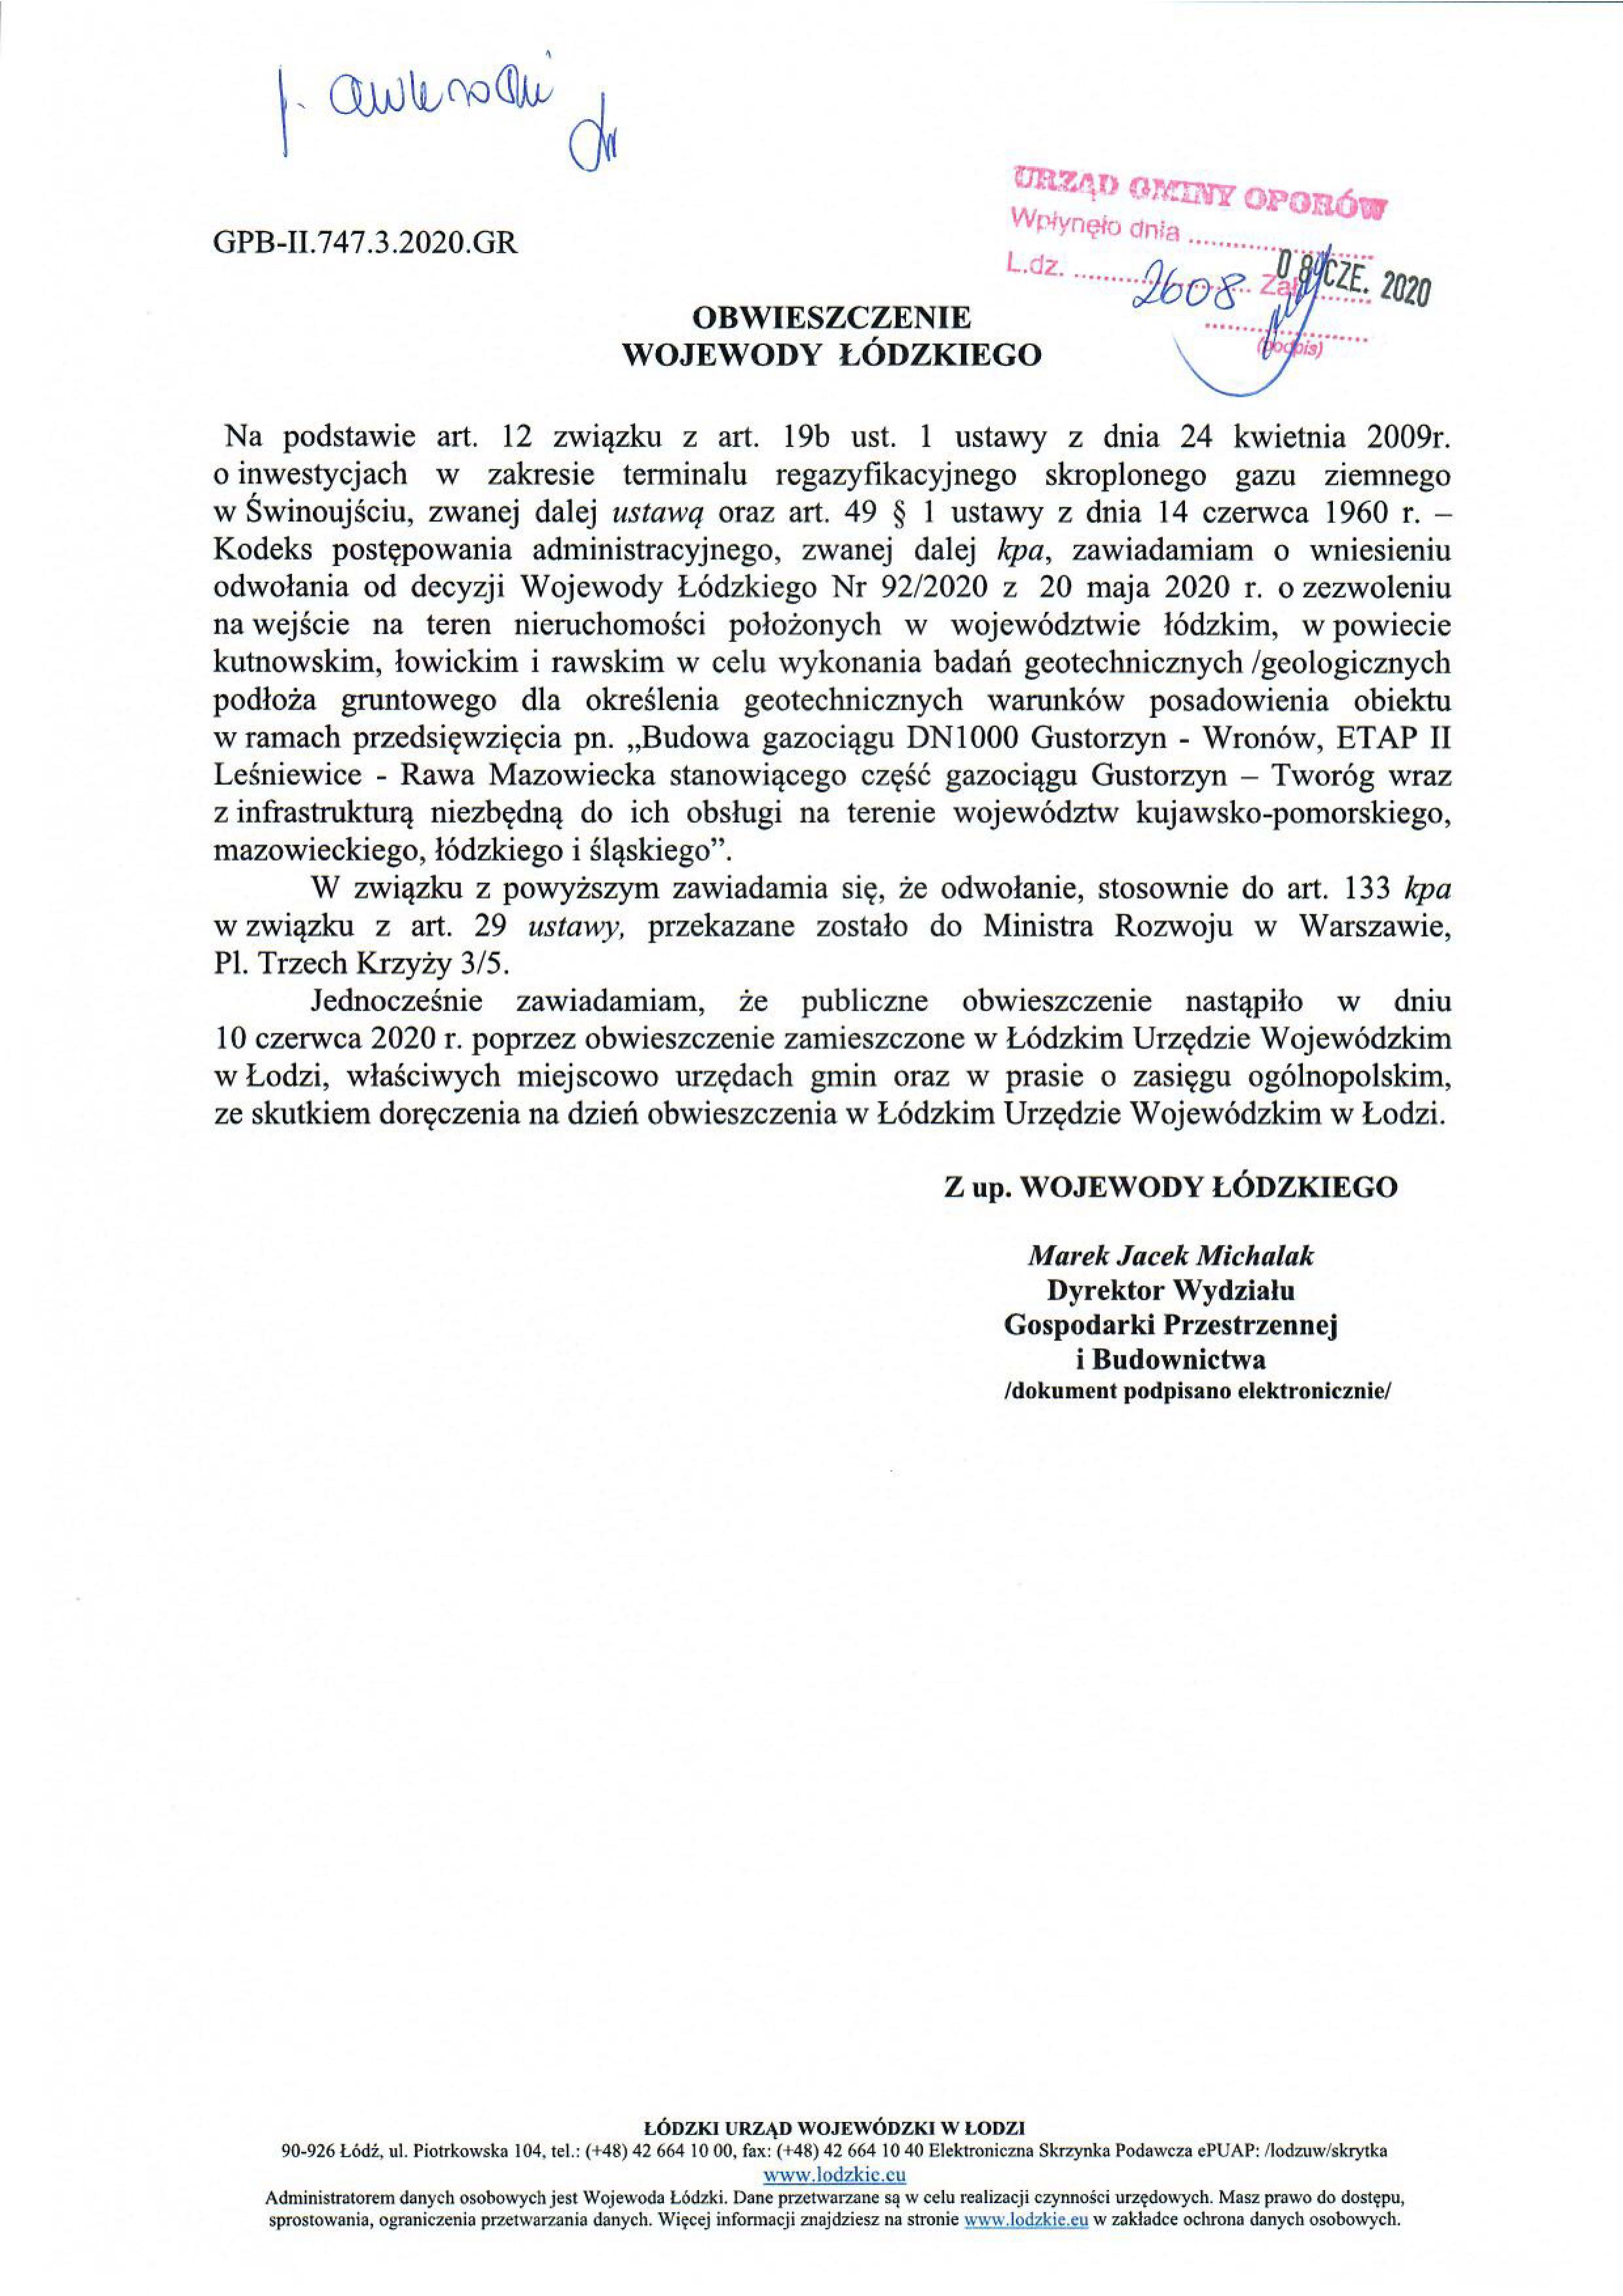 obwieszczenie-wojewody-lodzkiego-ws-budowy-gazociagu-z-dnia-10-06-2020